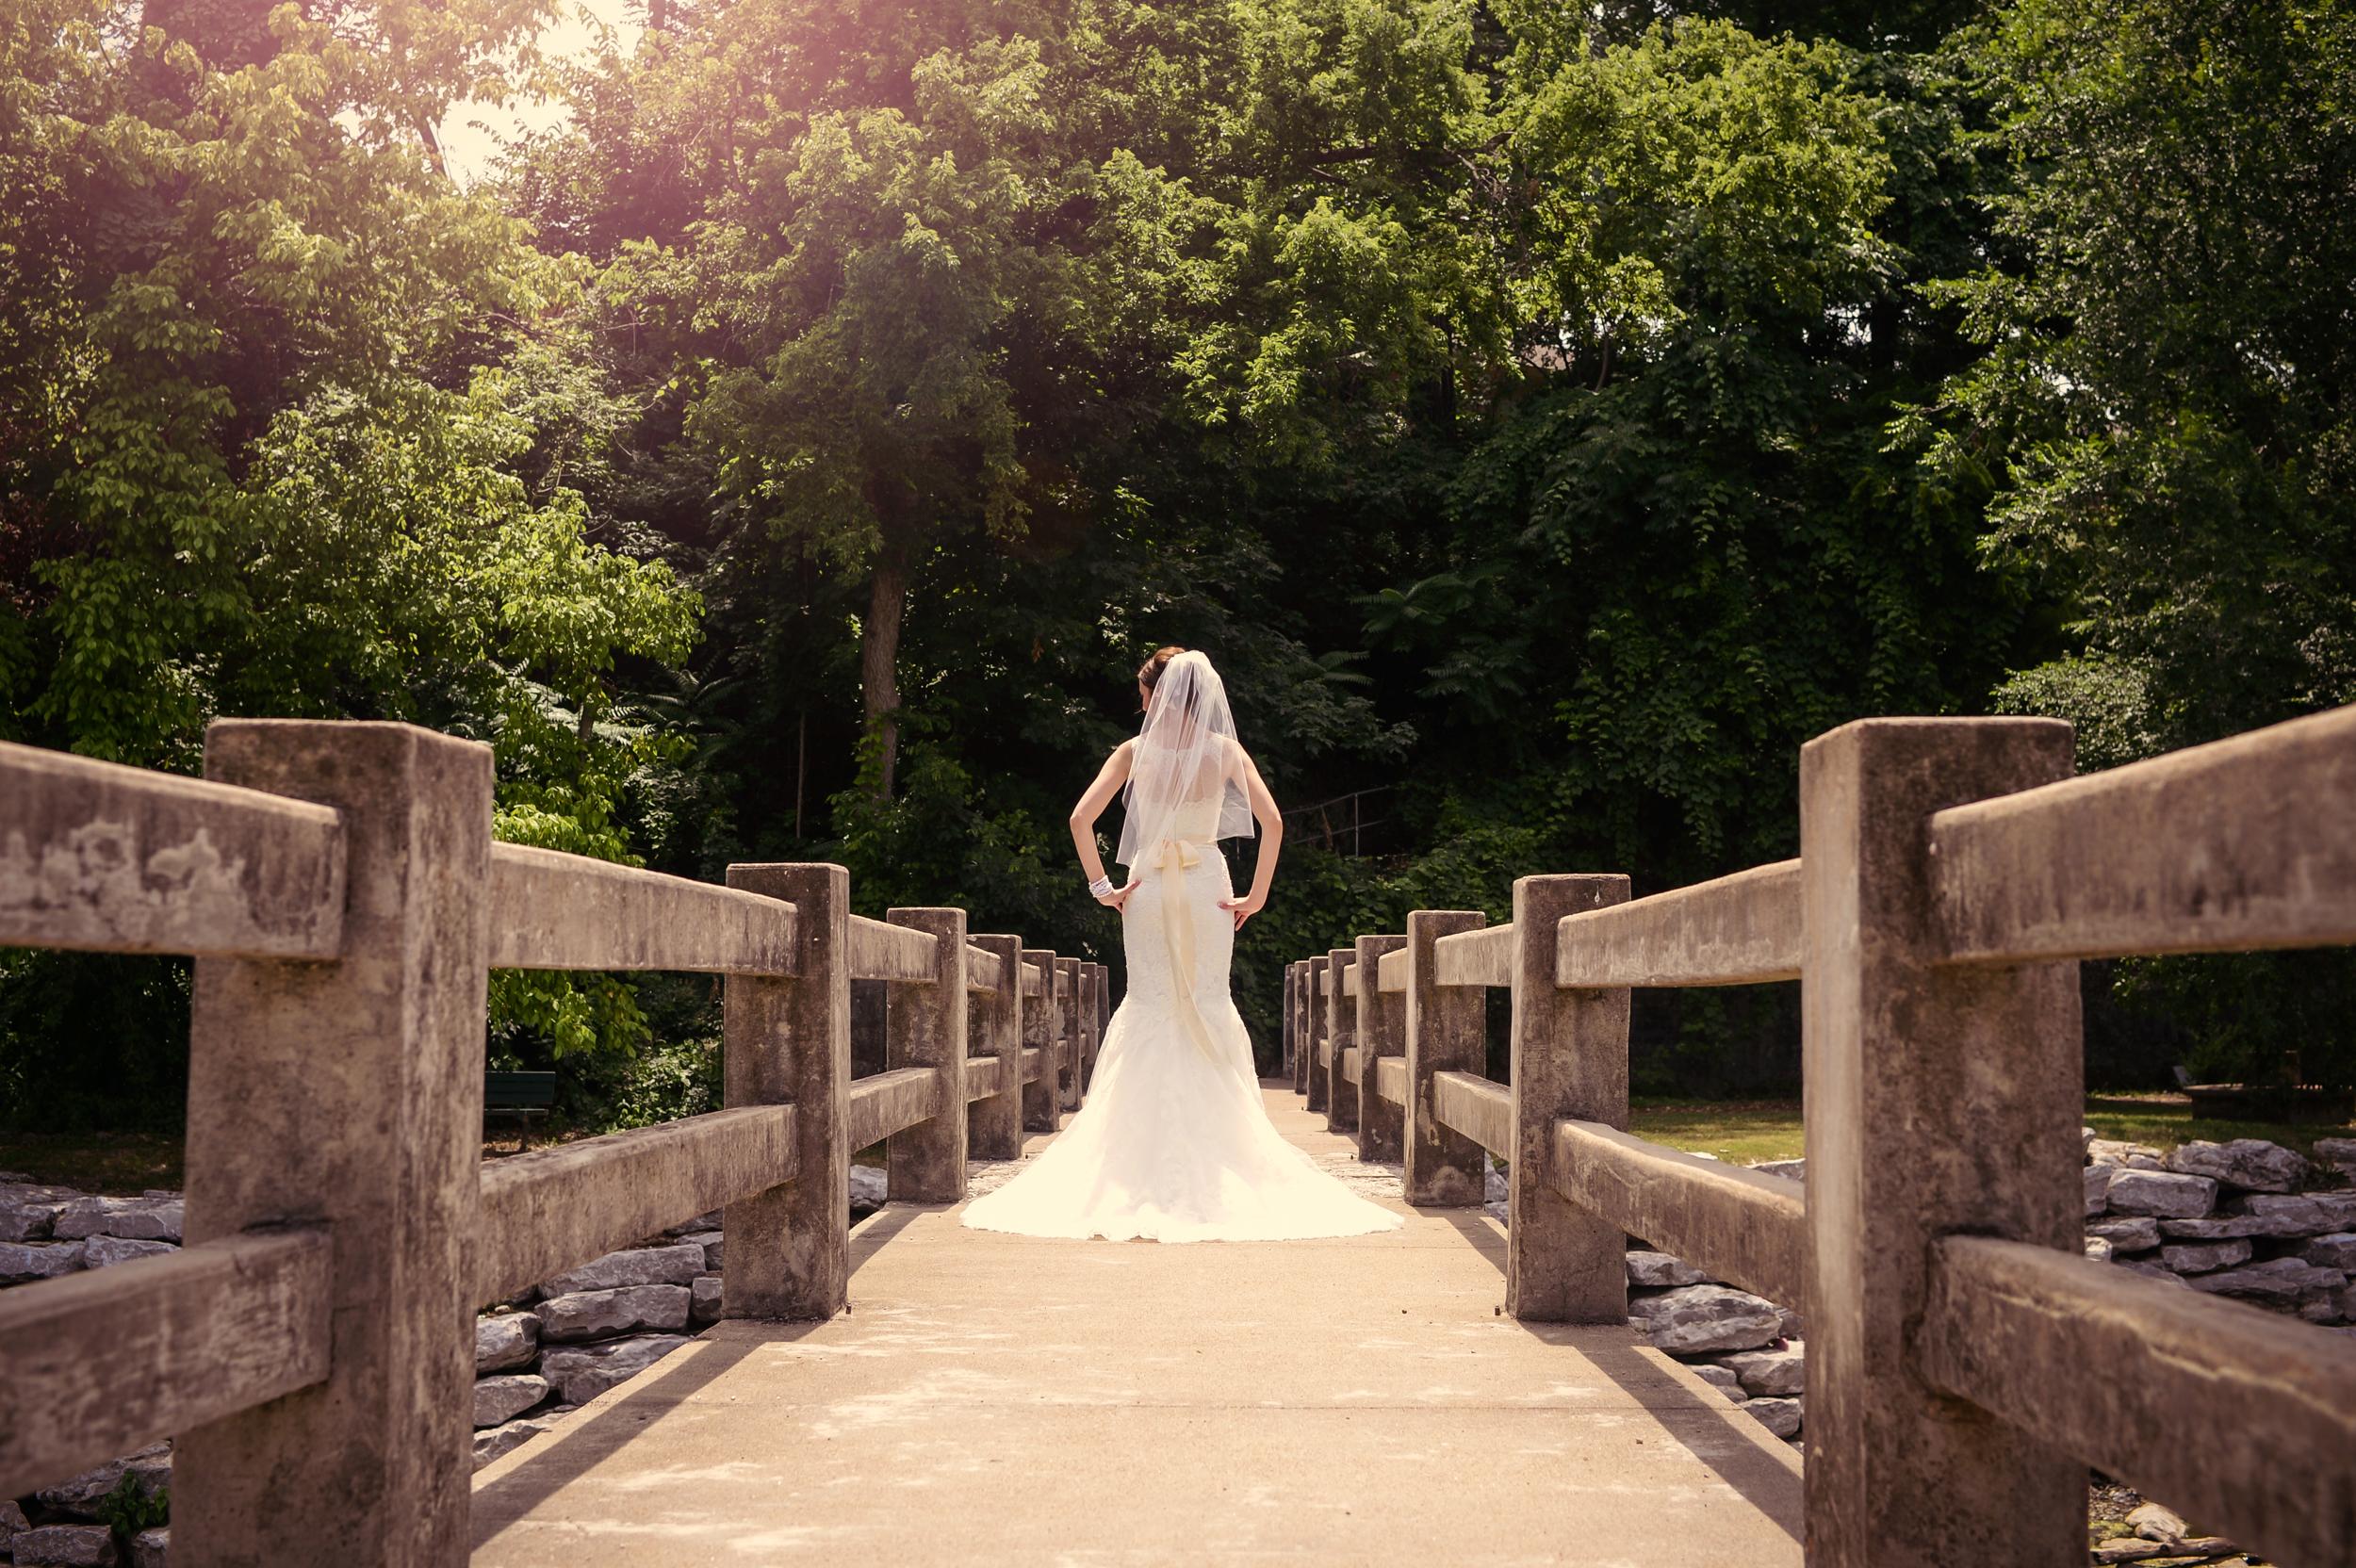 bridals©2015mileswittboyer-27.jpg